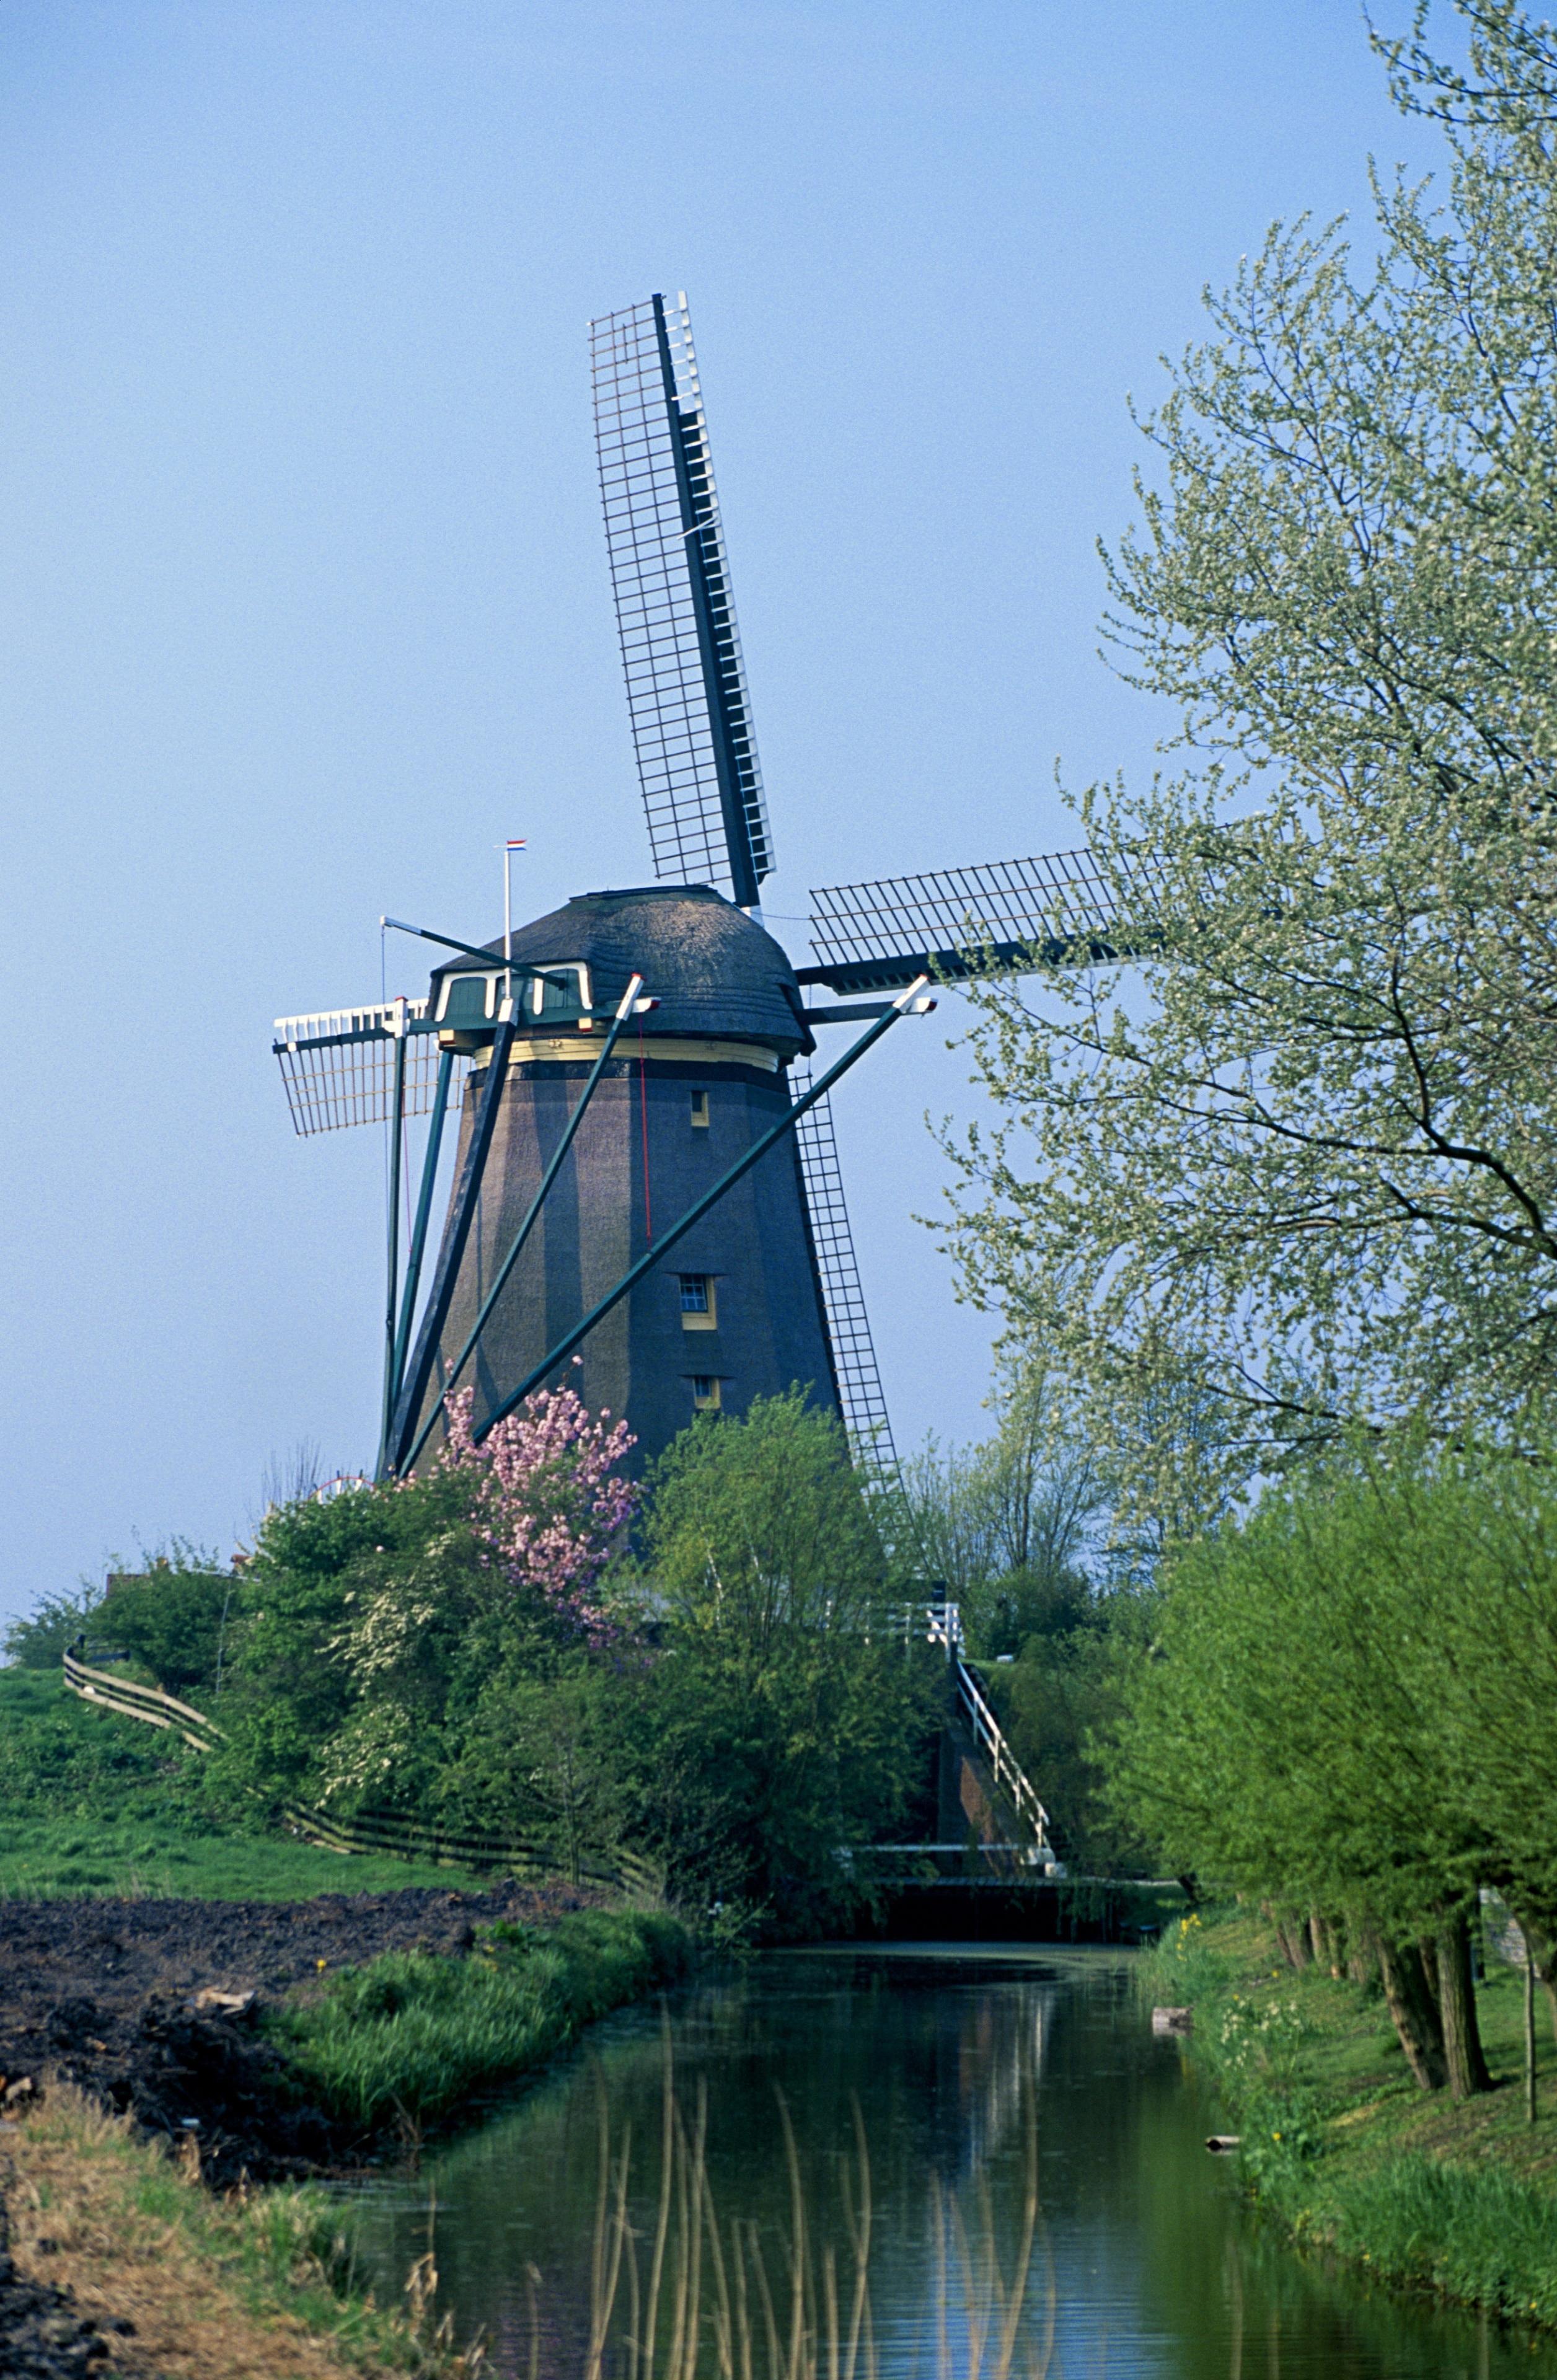 Edam, North Holland, Netherlands